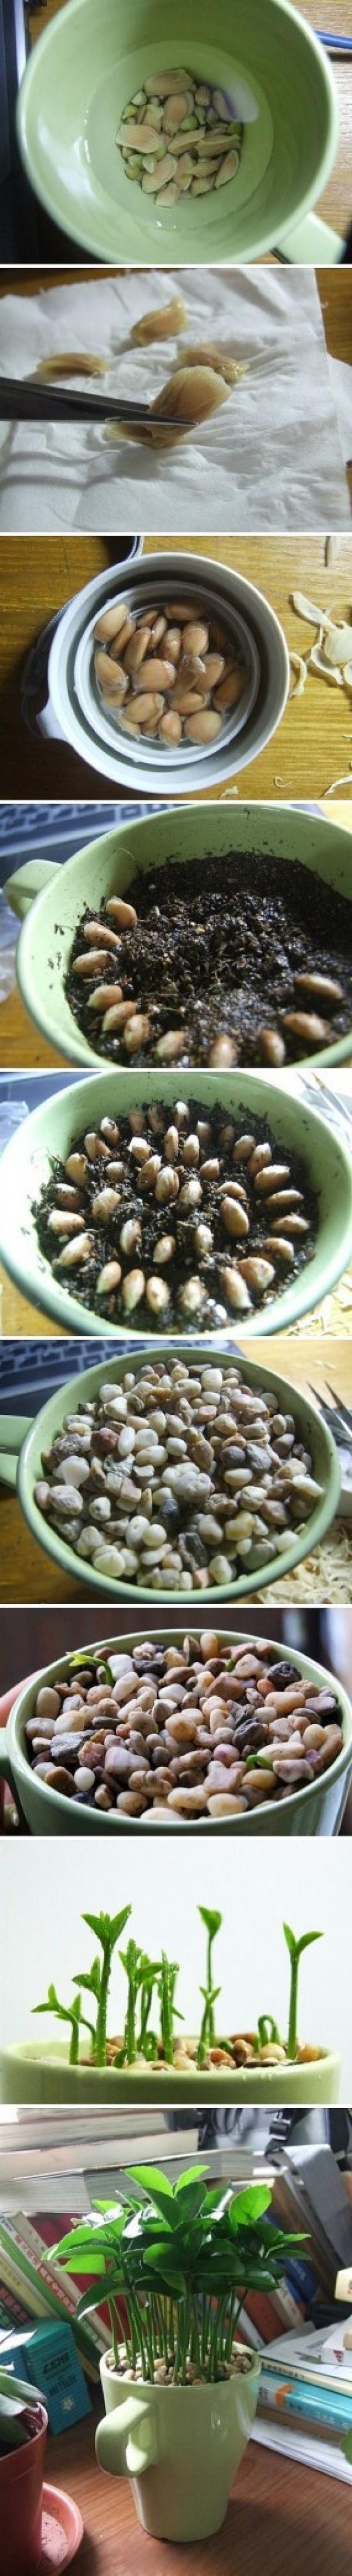 Plantez des pépins de citron.Plantez des pépins de citron et ils se transformeront en plante désodorisante.